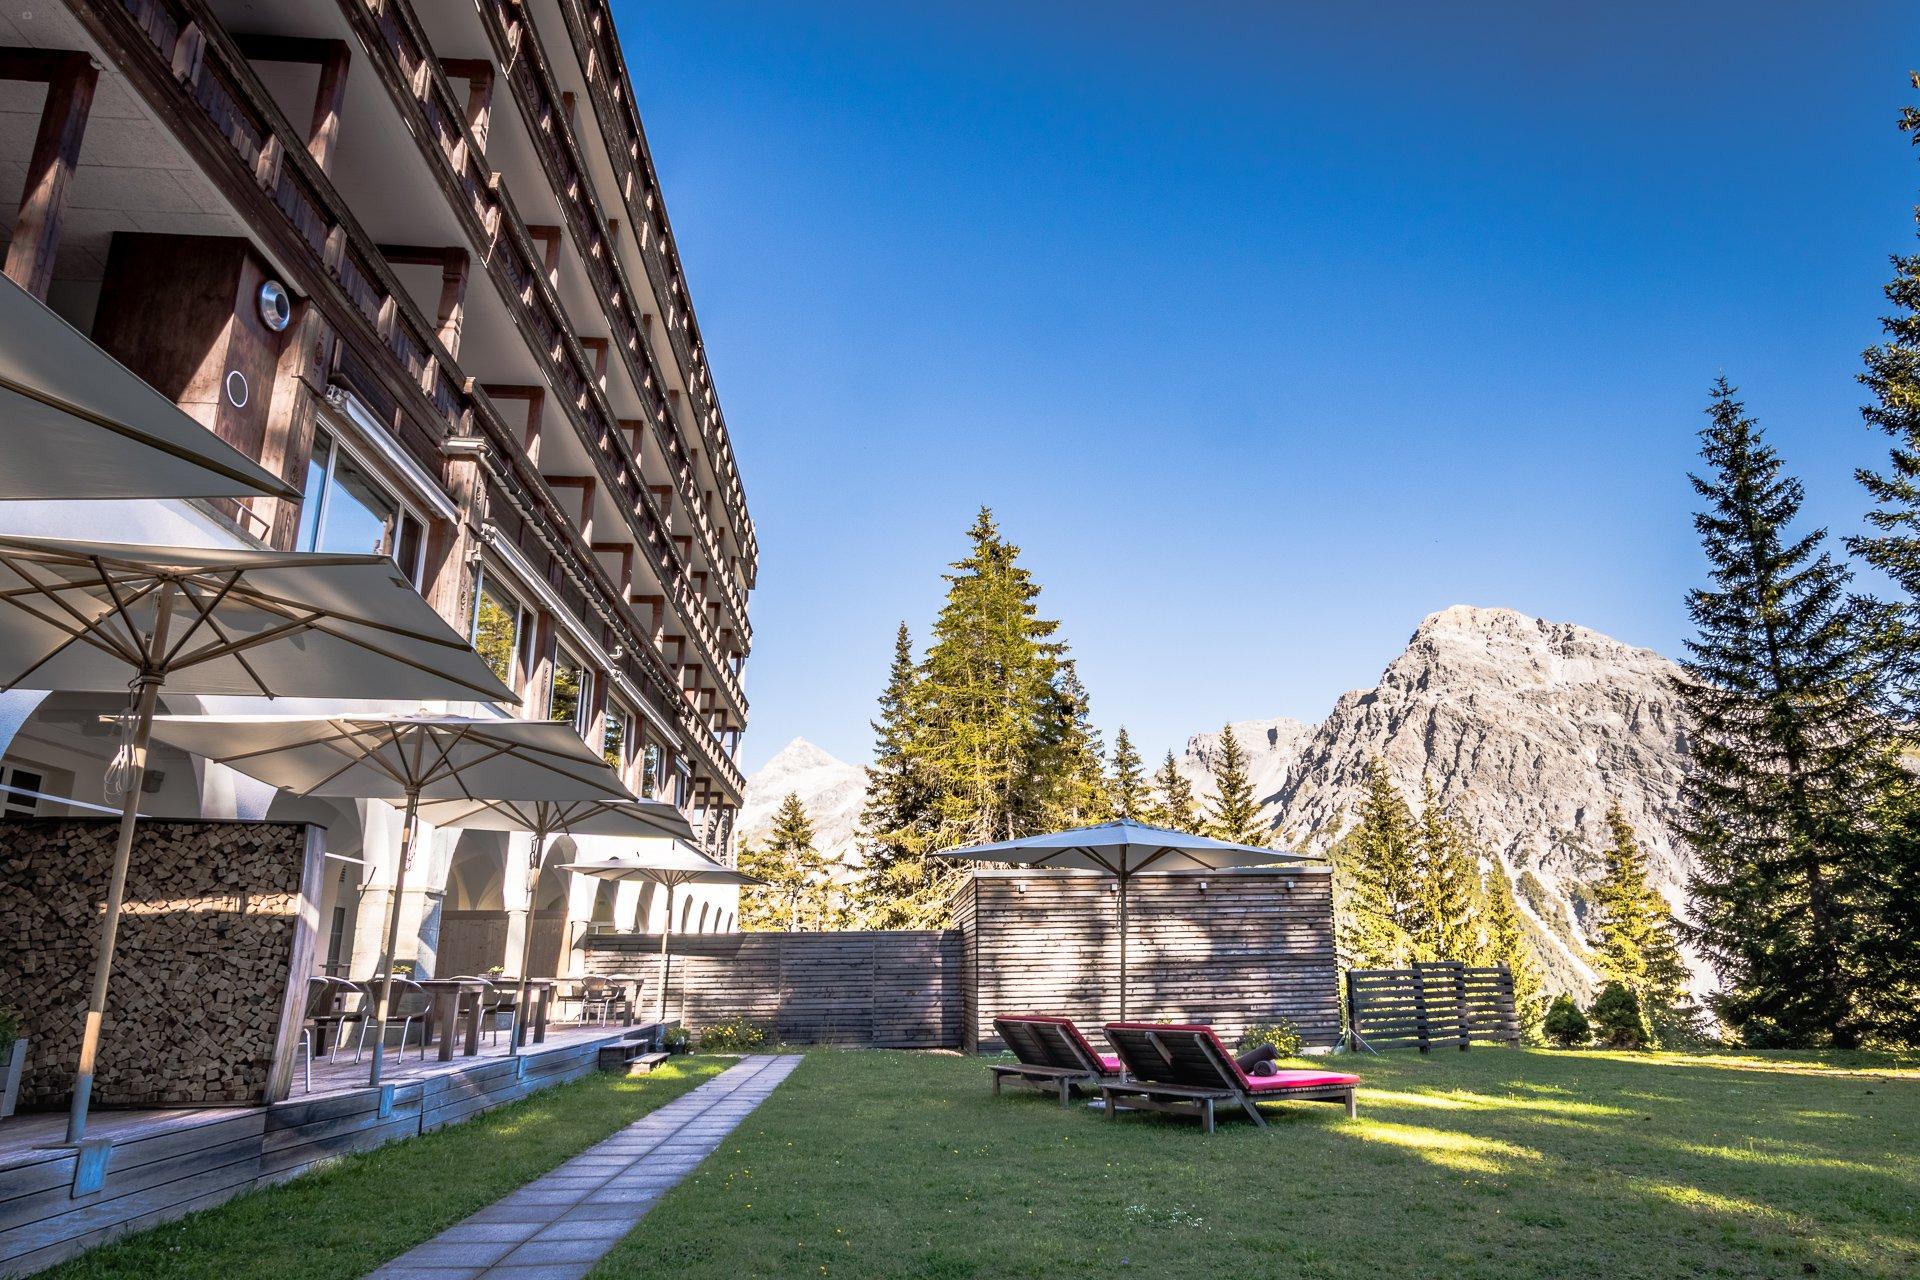 Blatter's Hotel 5